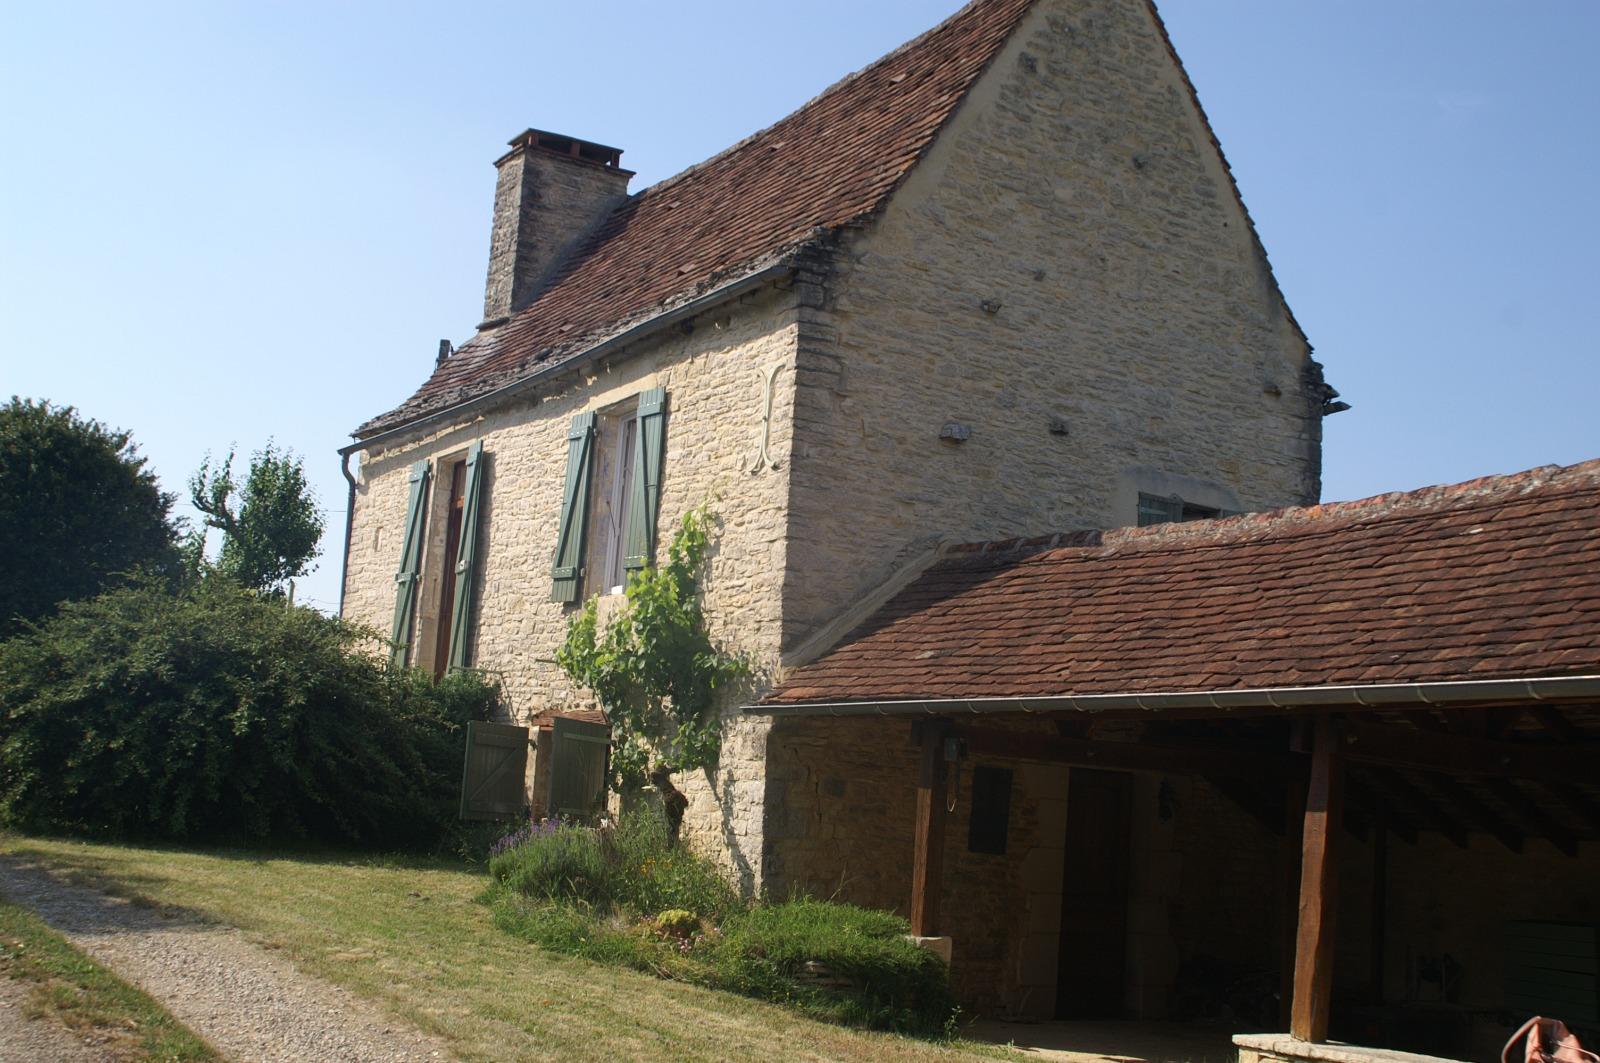 Lot, au calme, Charmante maison en pierres sur 4 ha attenants.